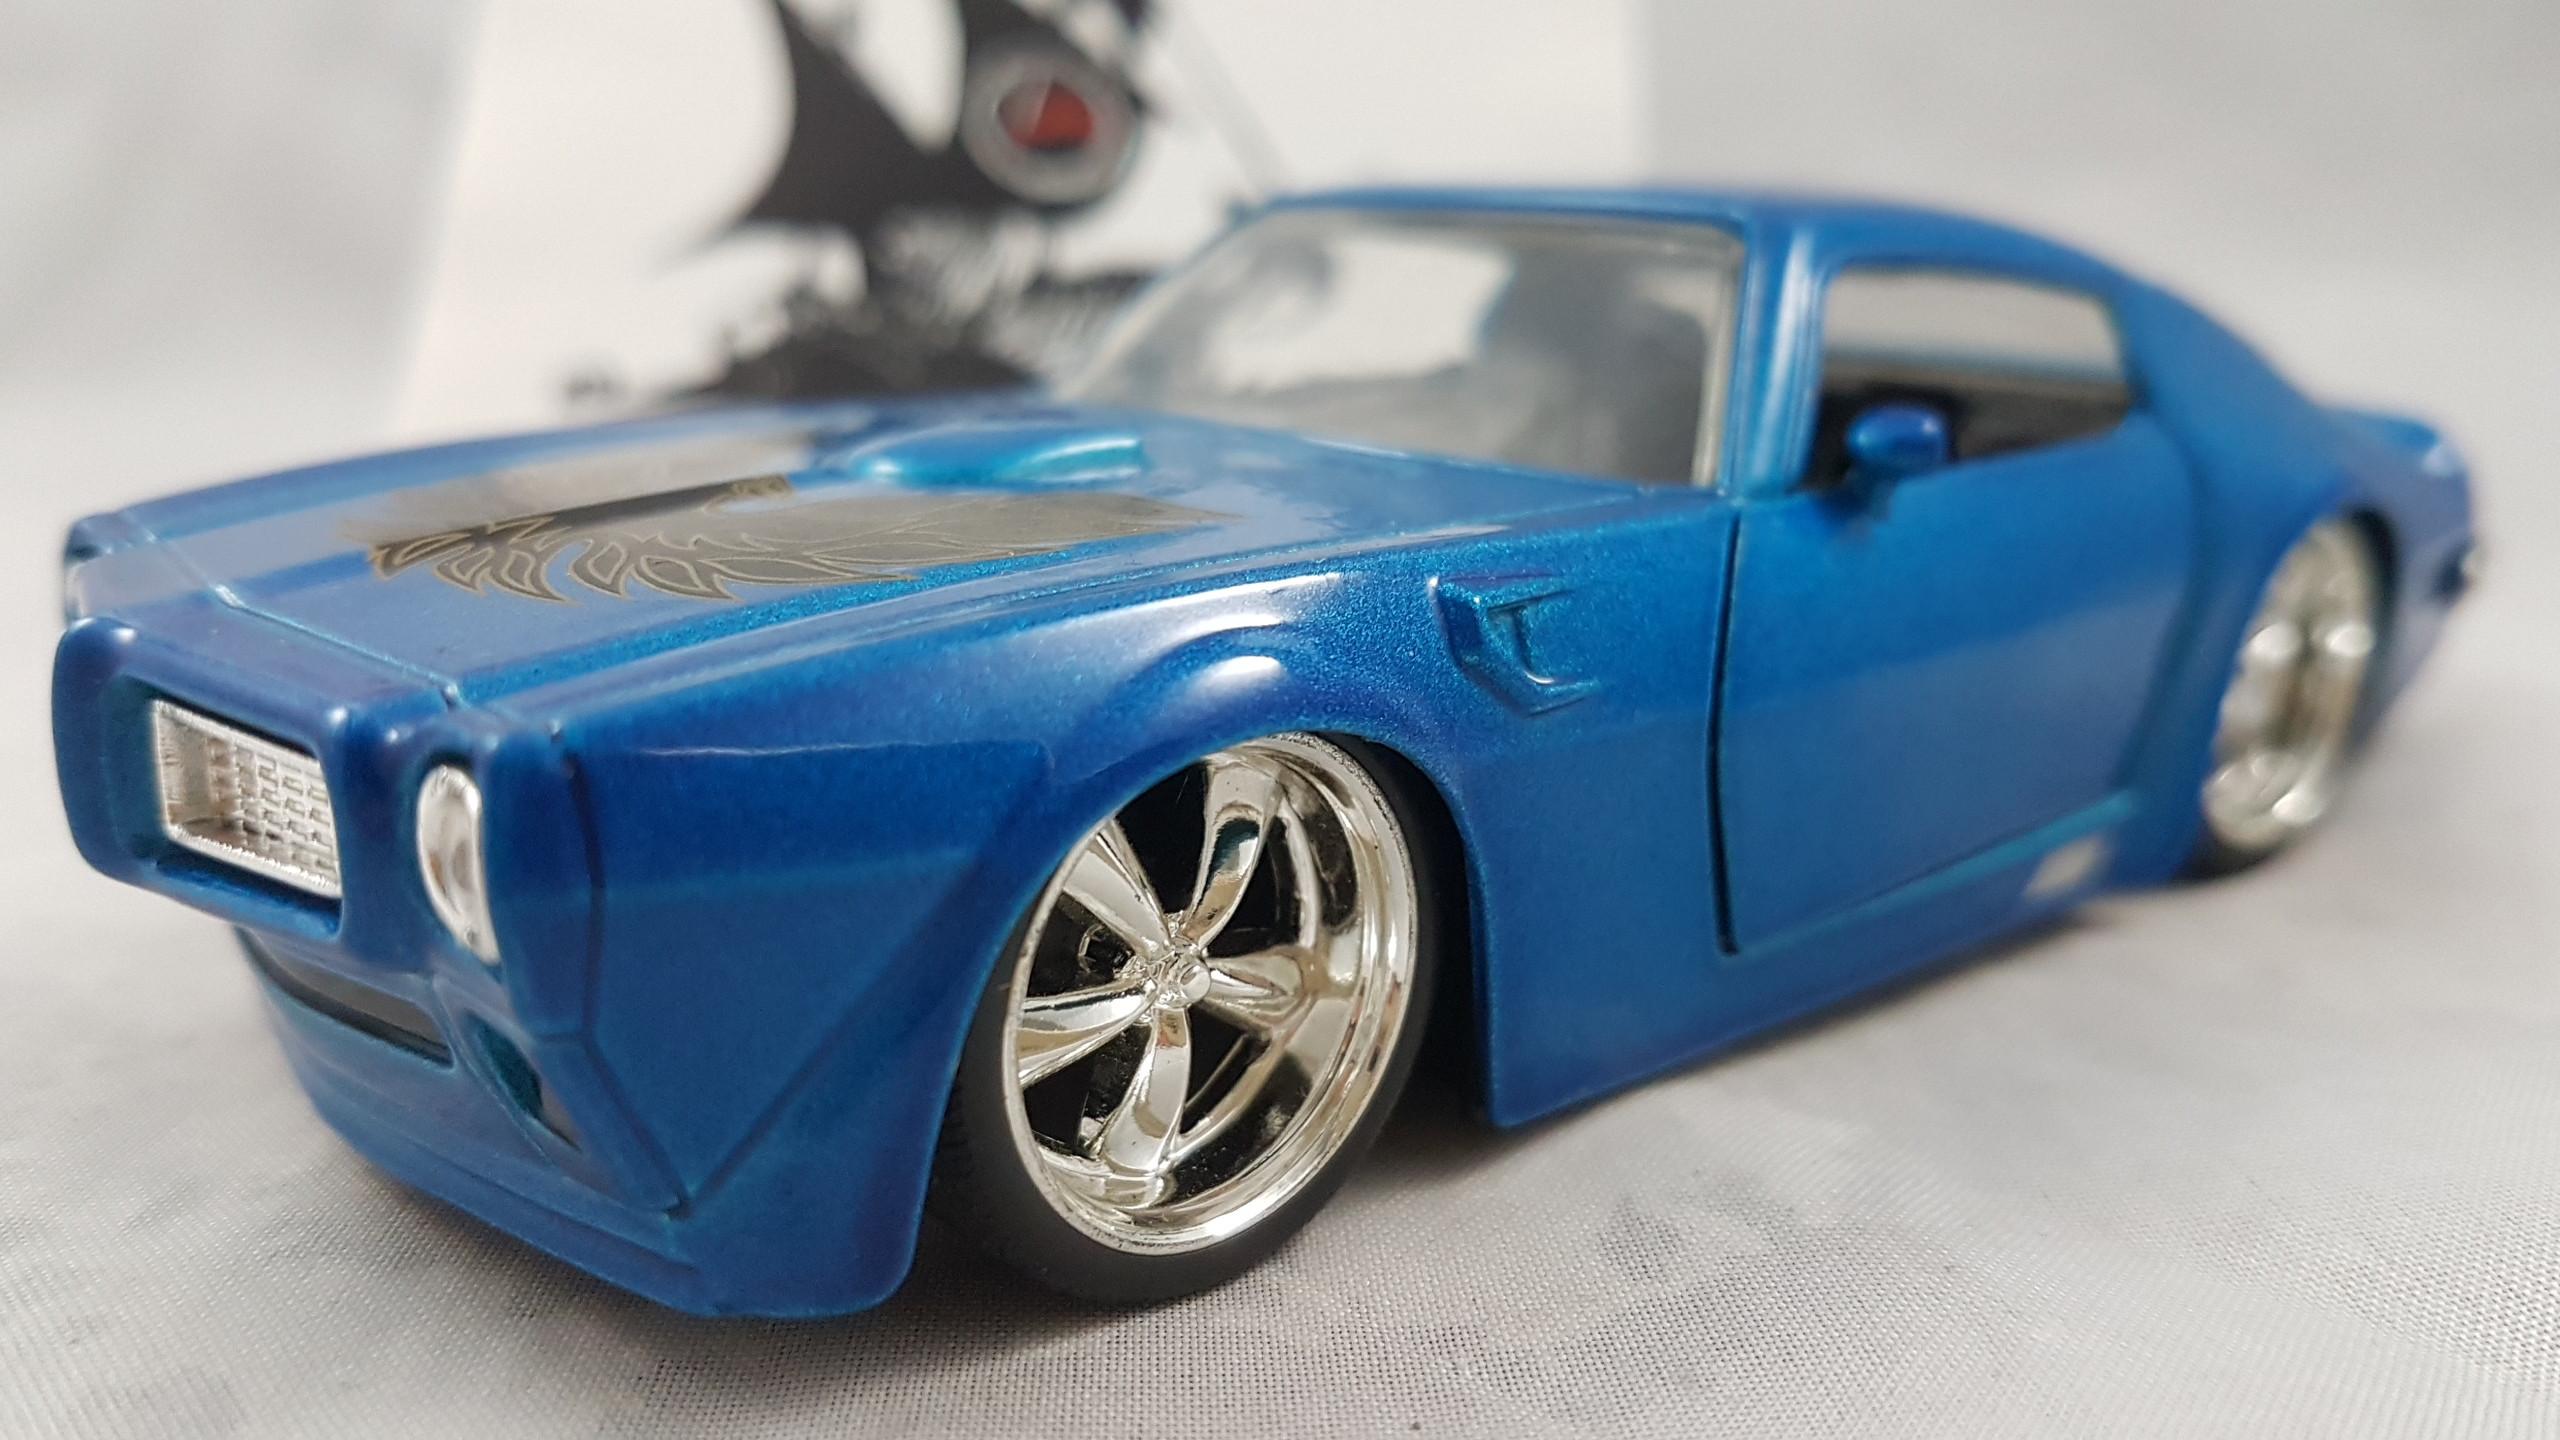 1972 Pontiac Firebird Azul com Águia 1:32 Jada